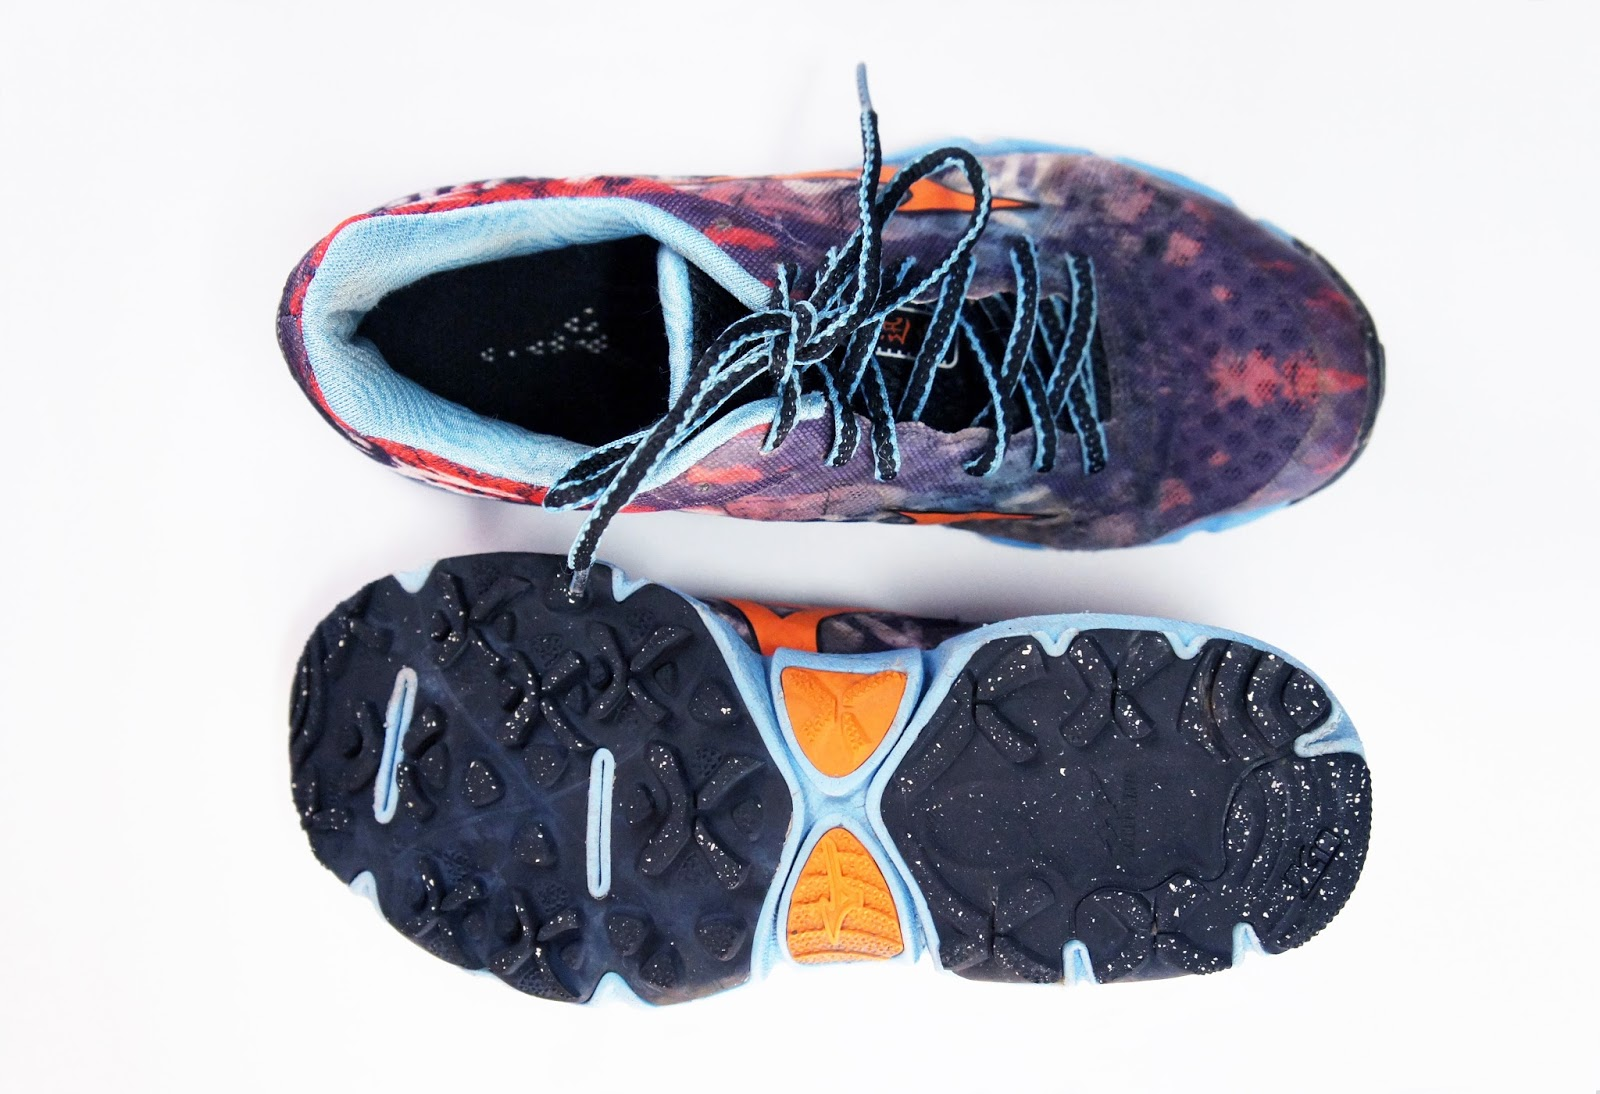 4e96082e Asics gel fuji setsu gtx. Вторые мои кроссовки с шипами. В первых отбегала  два сезона. Подходят для гололеда, жесткого и рыхлого снега, за счет  мембранной ...